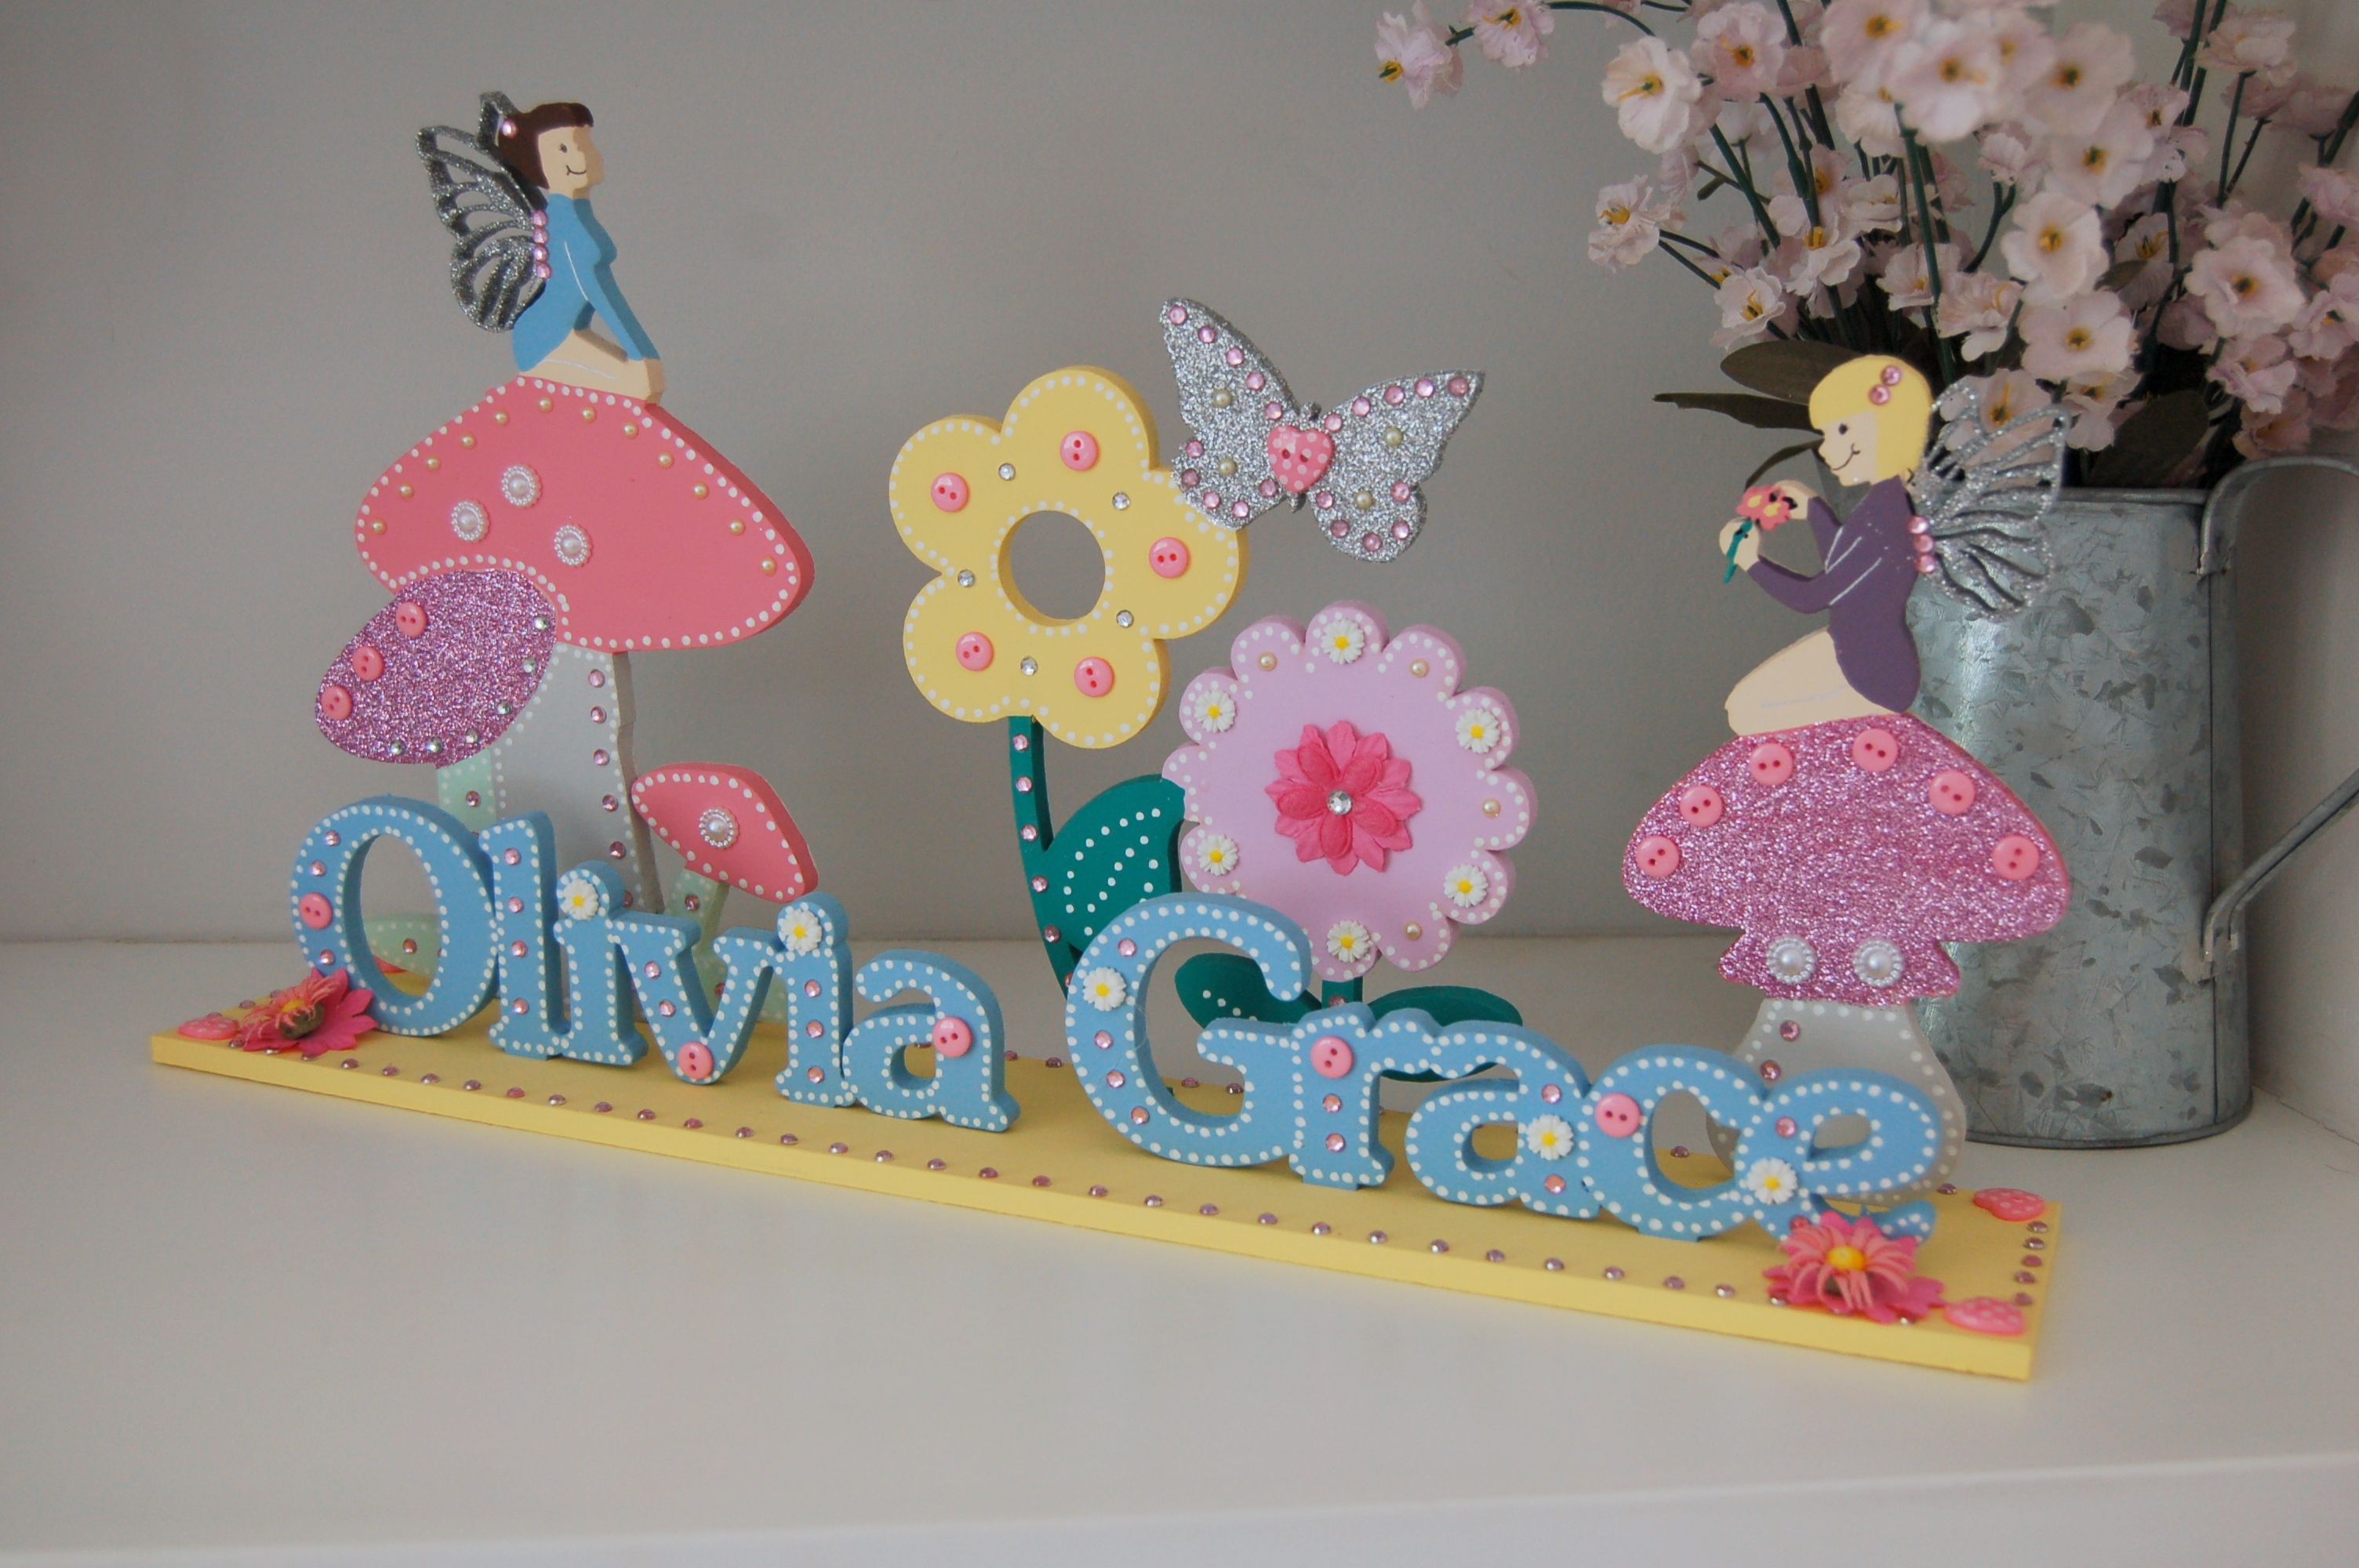 Blue Fairy Bedroom Sign Pretty Shelf Decor Glitter